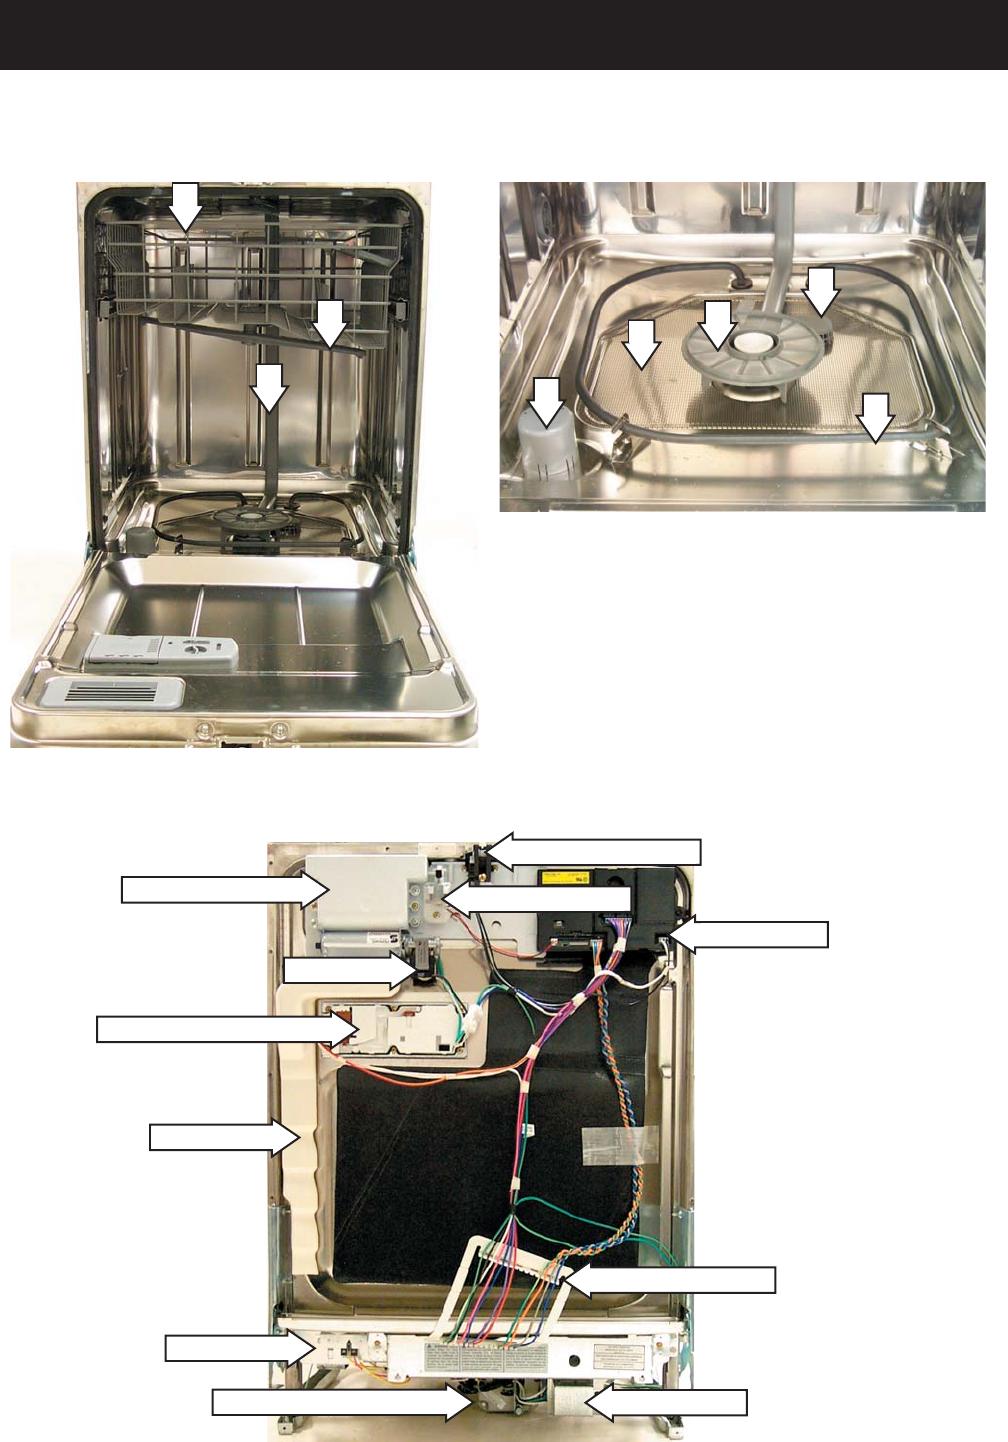 Monogram Dishwasher Ge Zbd6800 6890 31 9116